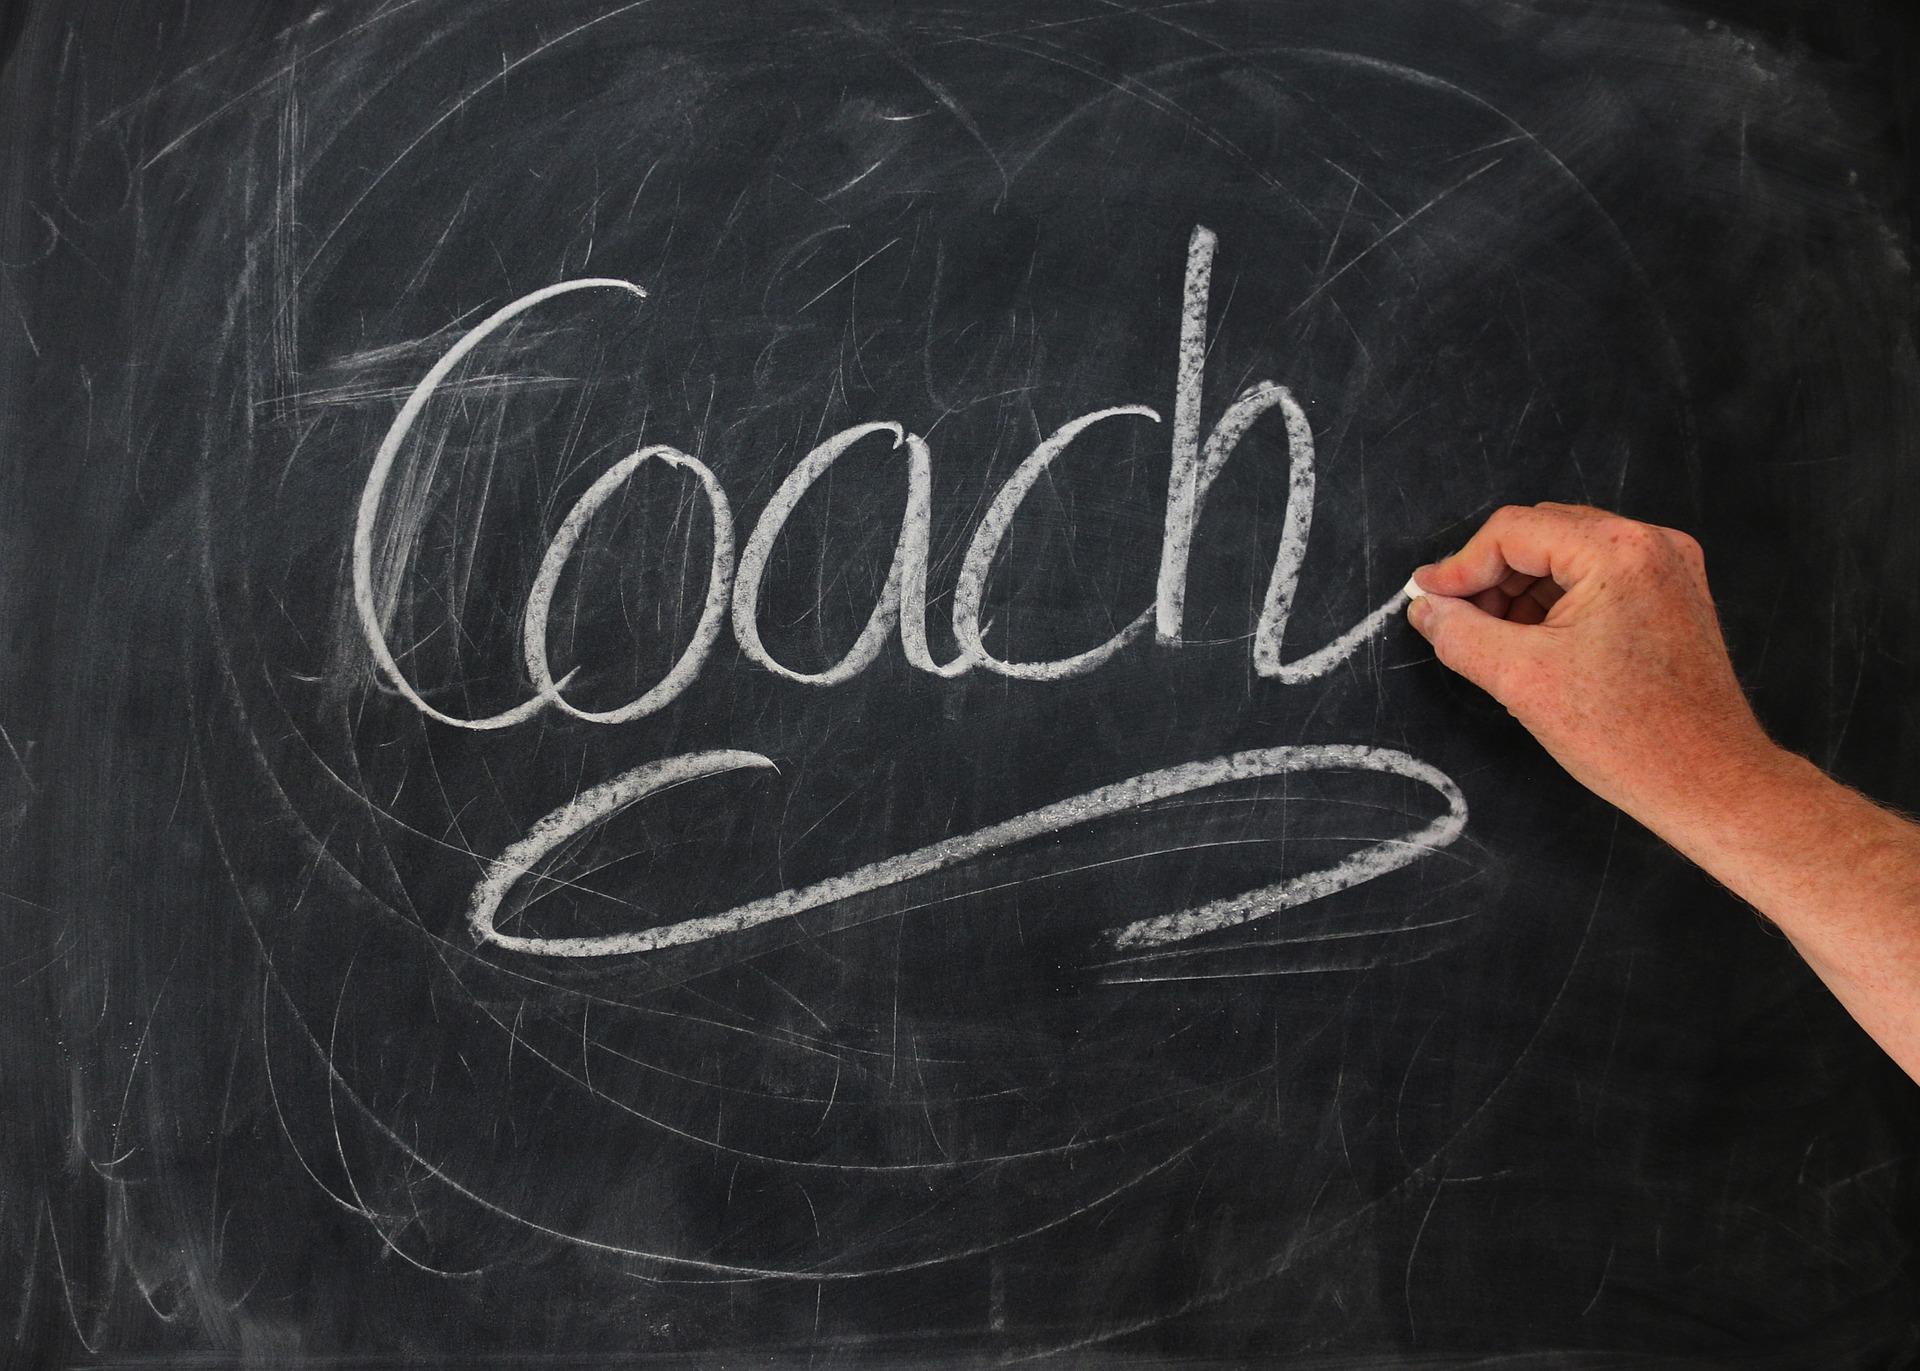 health coach.jpg